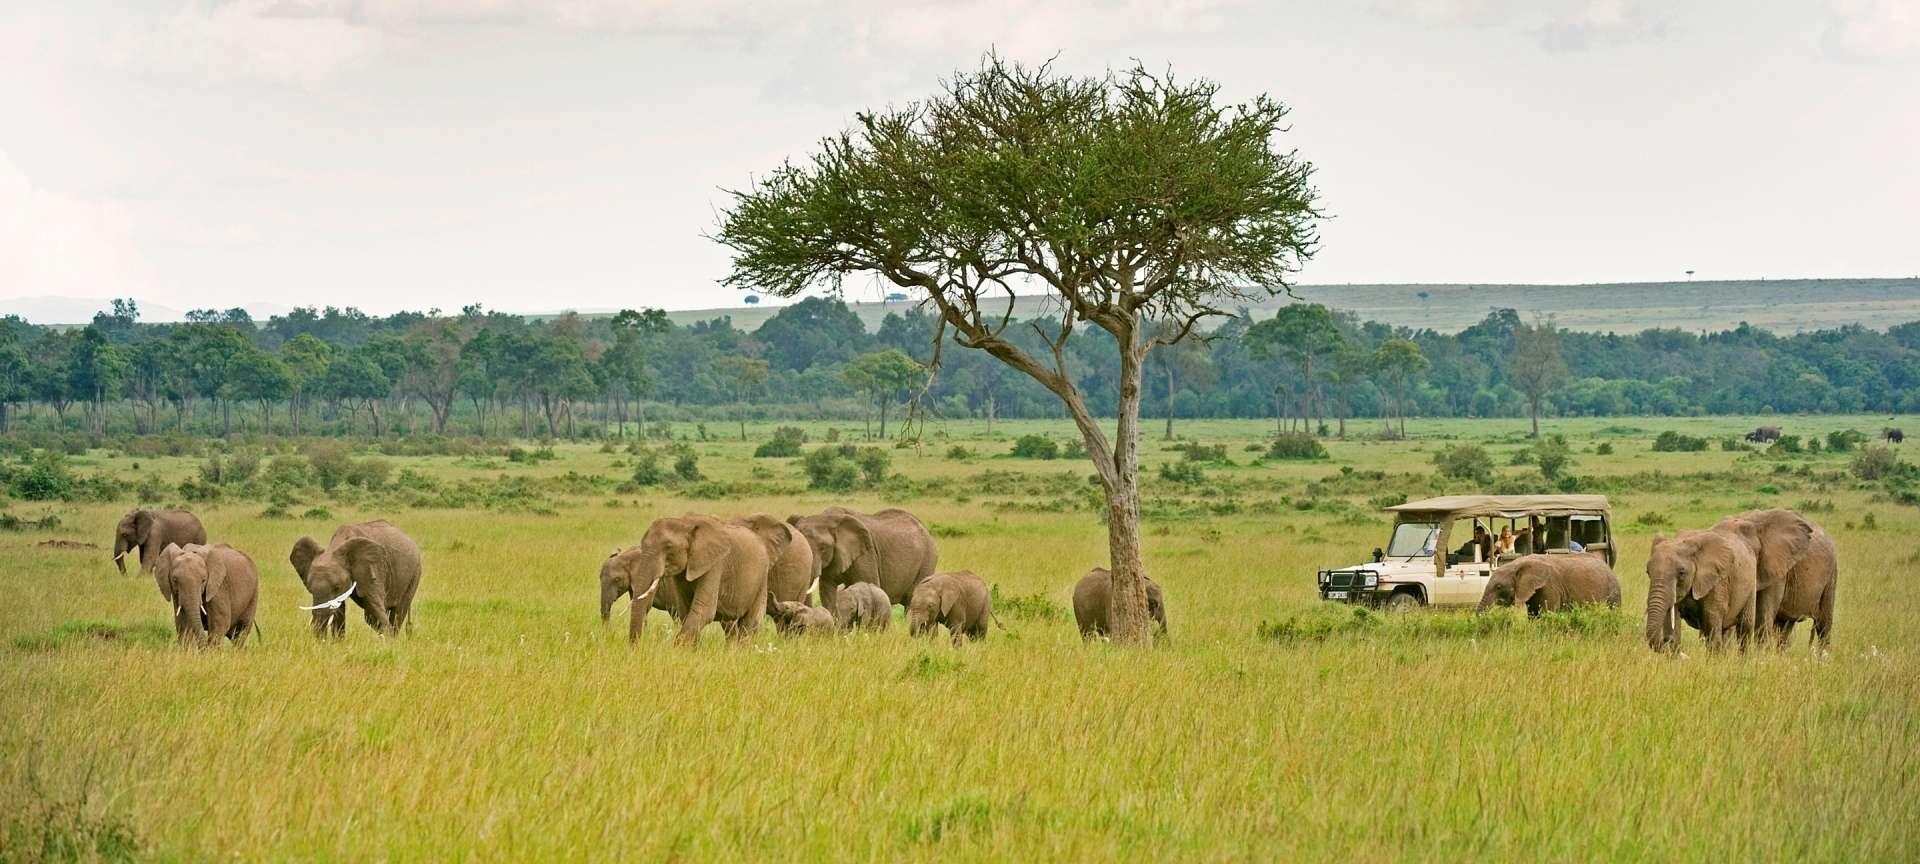 olonana_camp-olonana_elephant_2__1920x864_Masai_mara.jpg